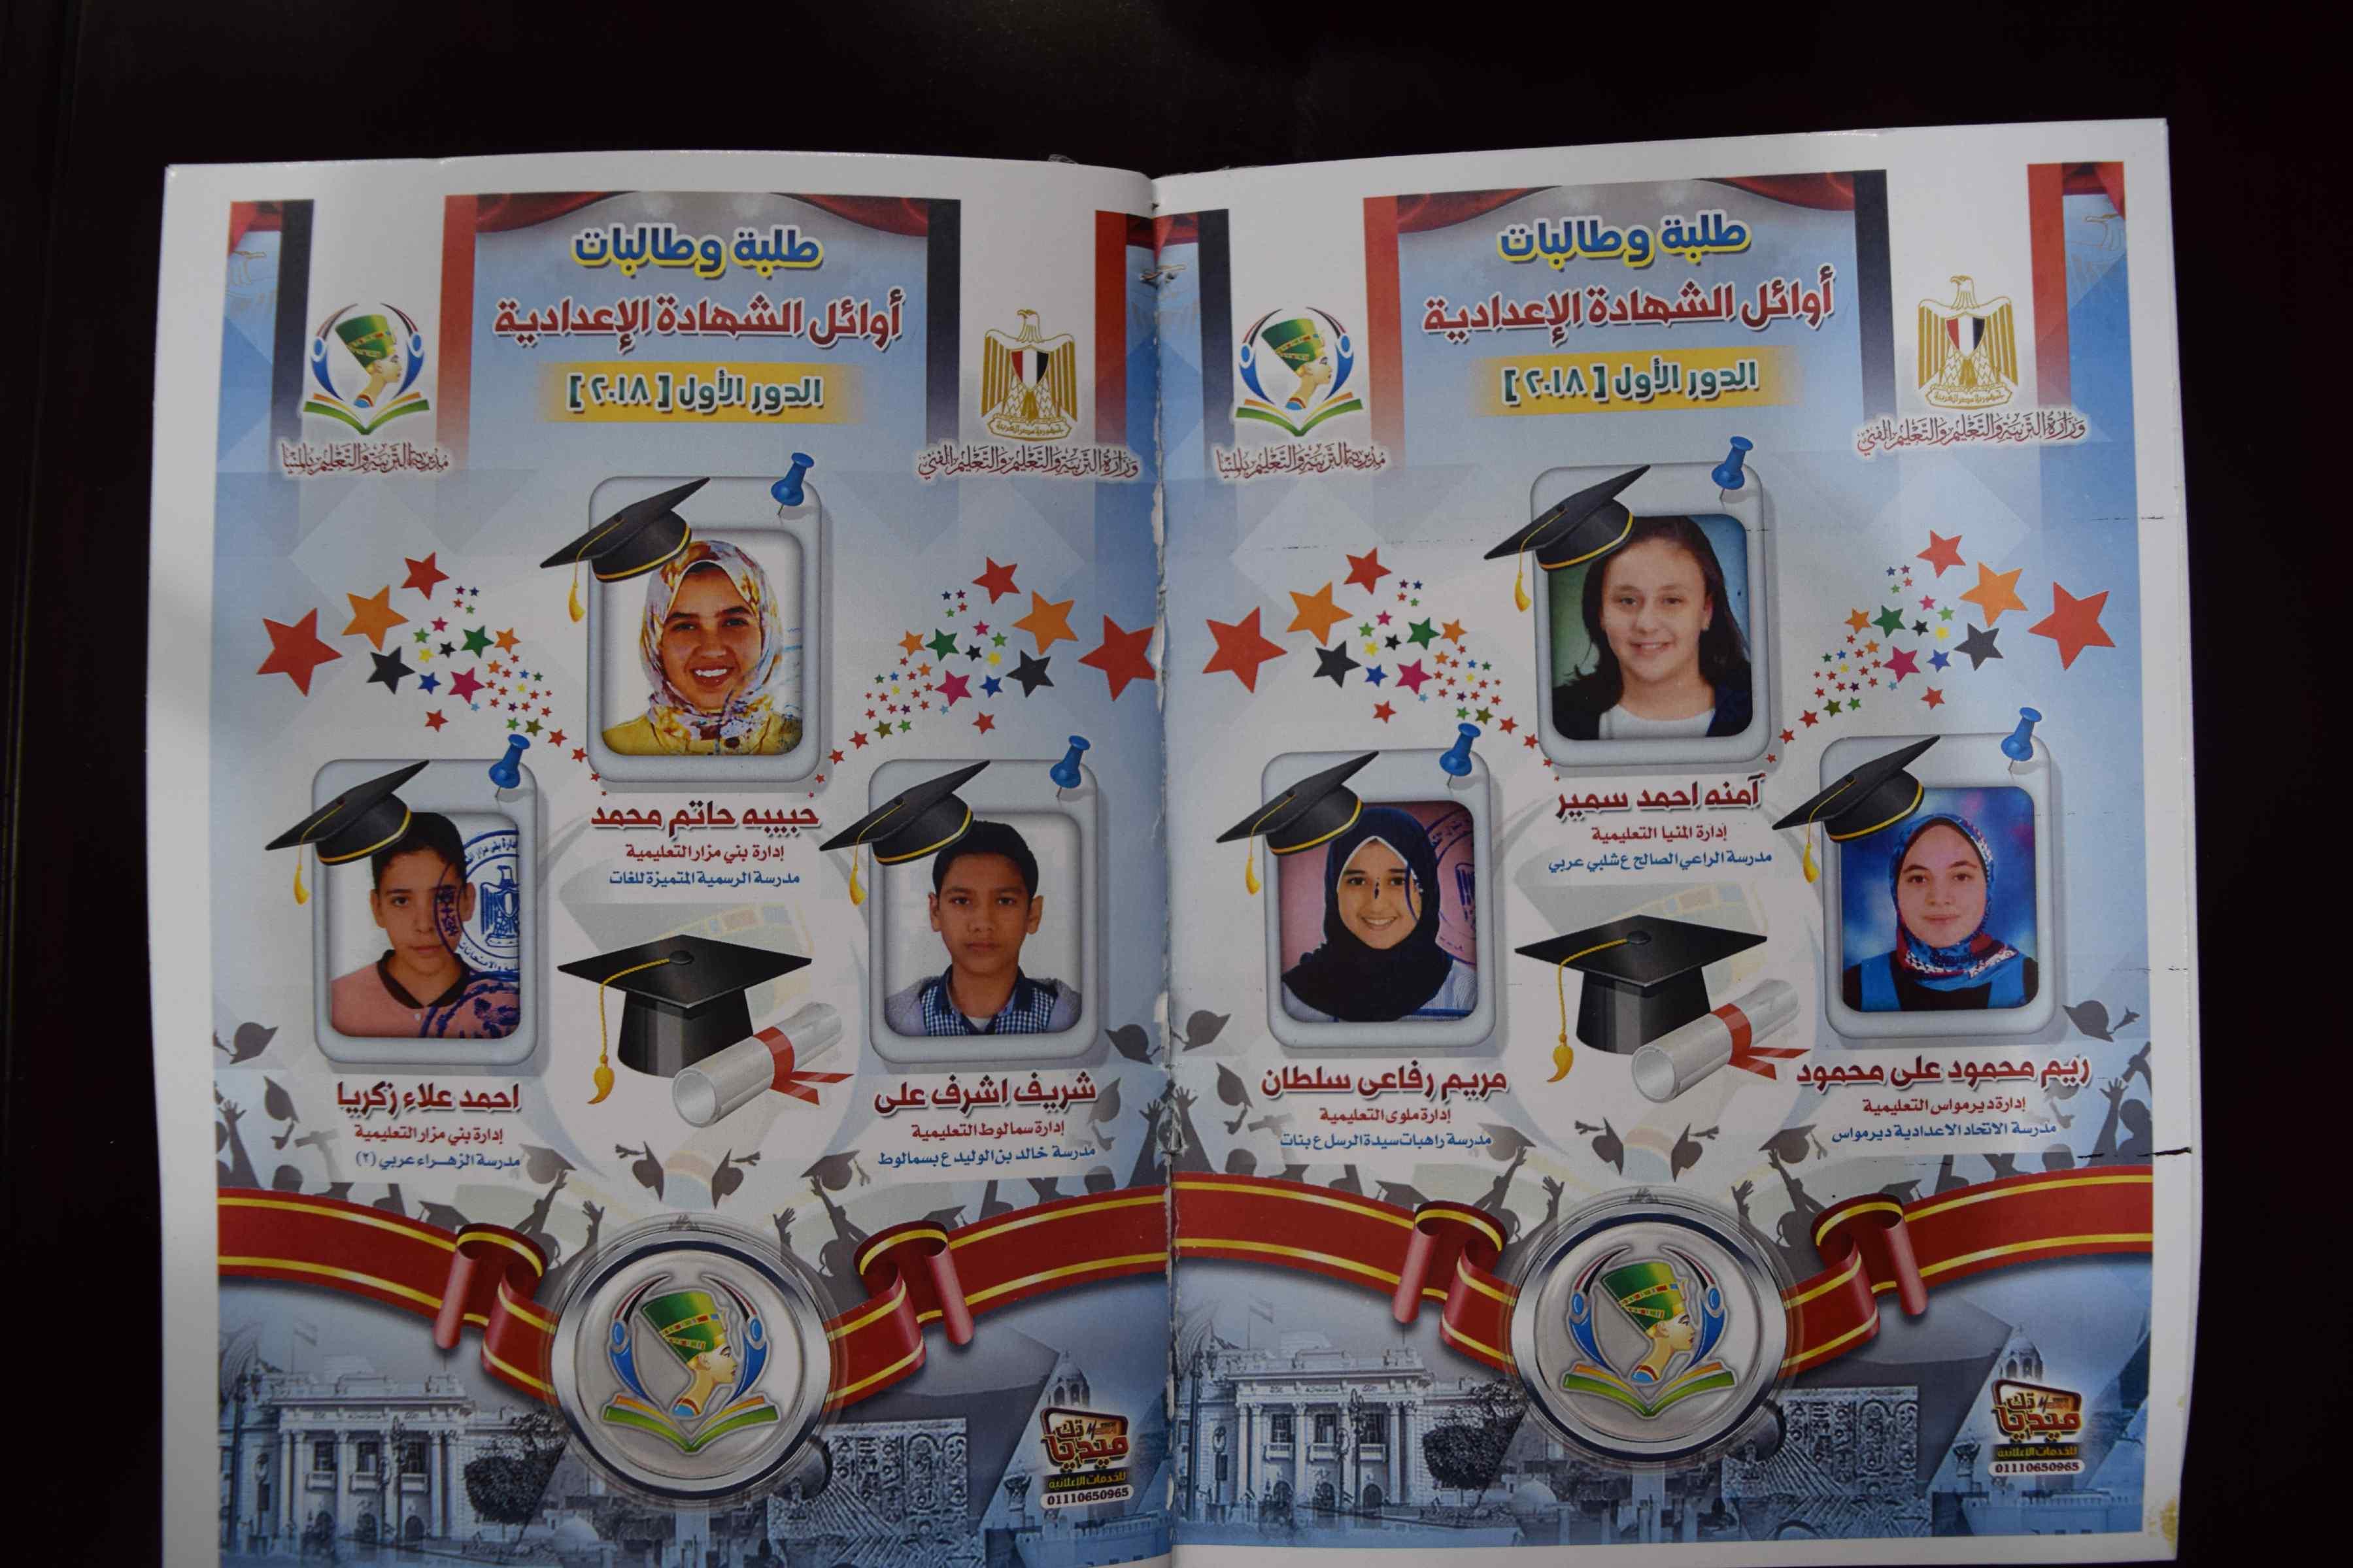 نتيجة الشهادة الابتدائية والإعدادية محافظة المنيا 2019 برقم الجلوس 10